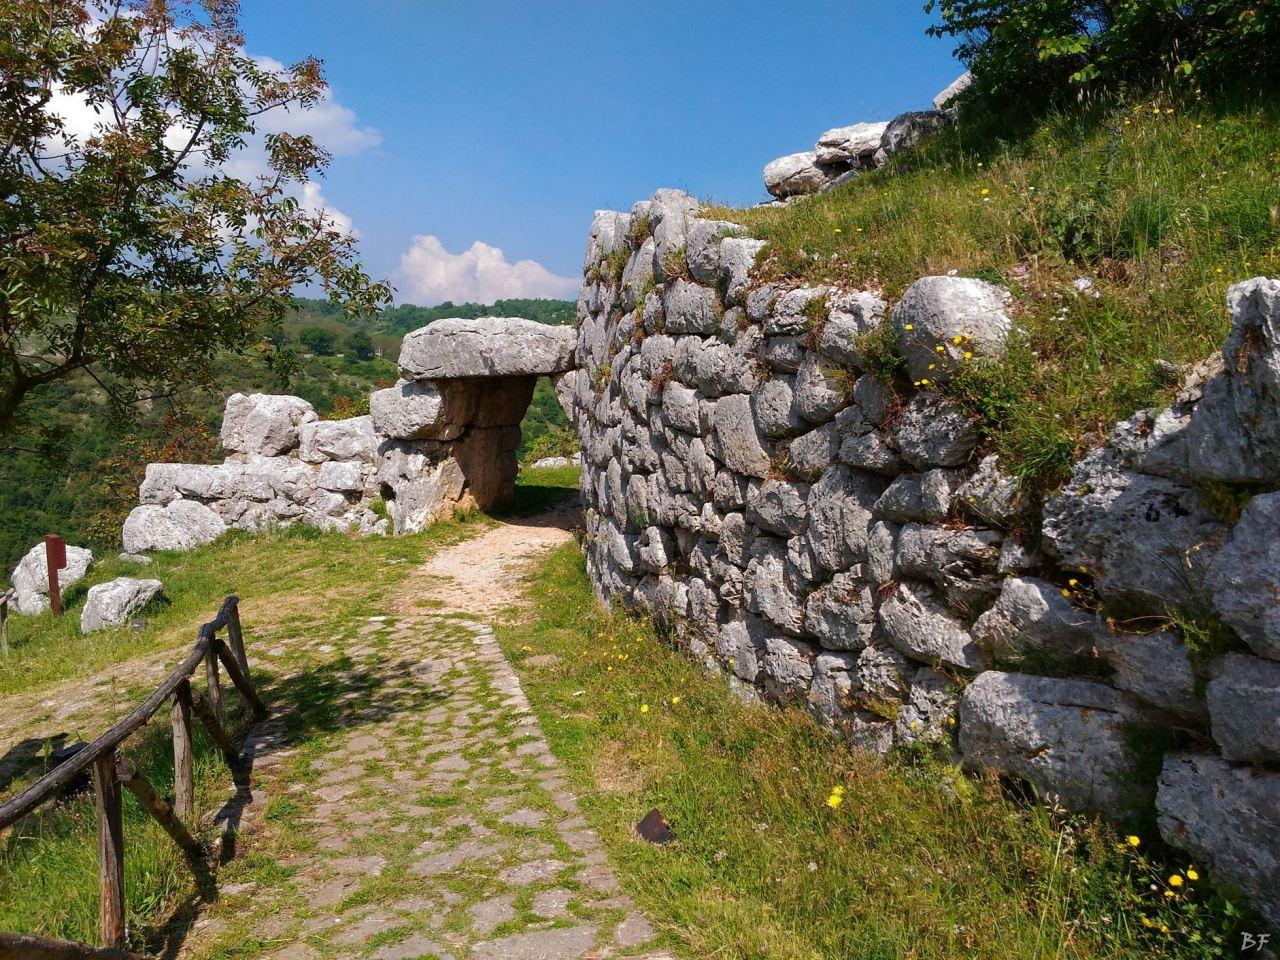 Signia-Mura-Poligonali-Megalitiche-Segni-Roma-Lazio-Italia-31